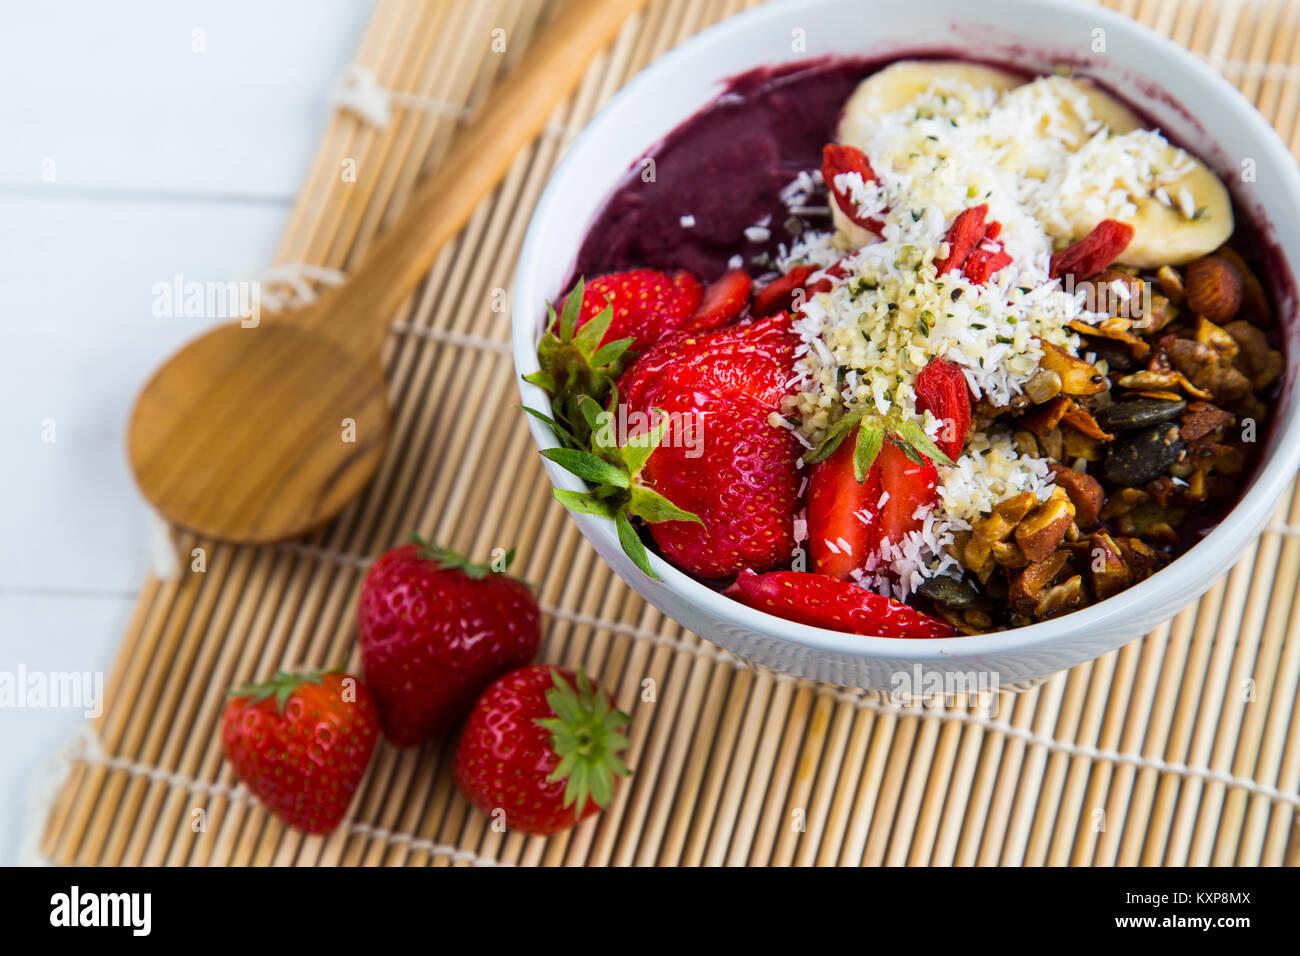 Acai Schüssel und Erdbeeren - Schüssel der acai Püree mit toppings von Banane, Erdbeere, Müsli Stockbild